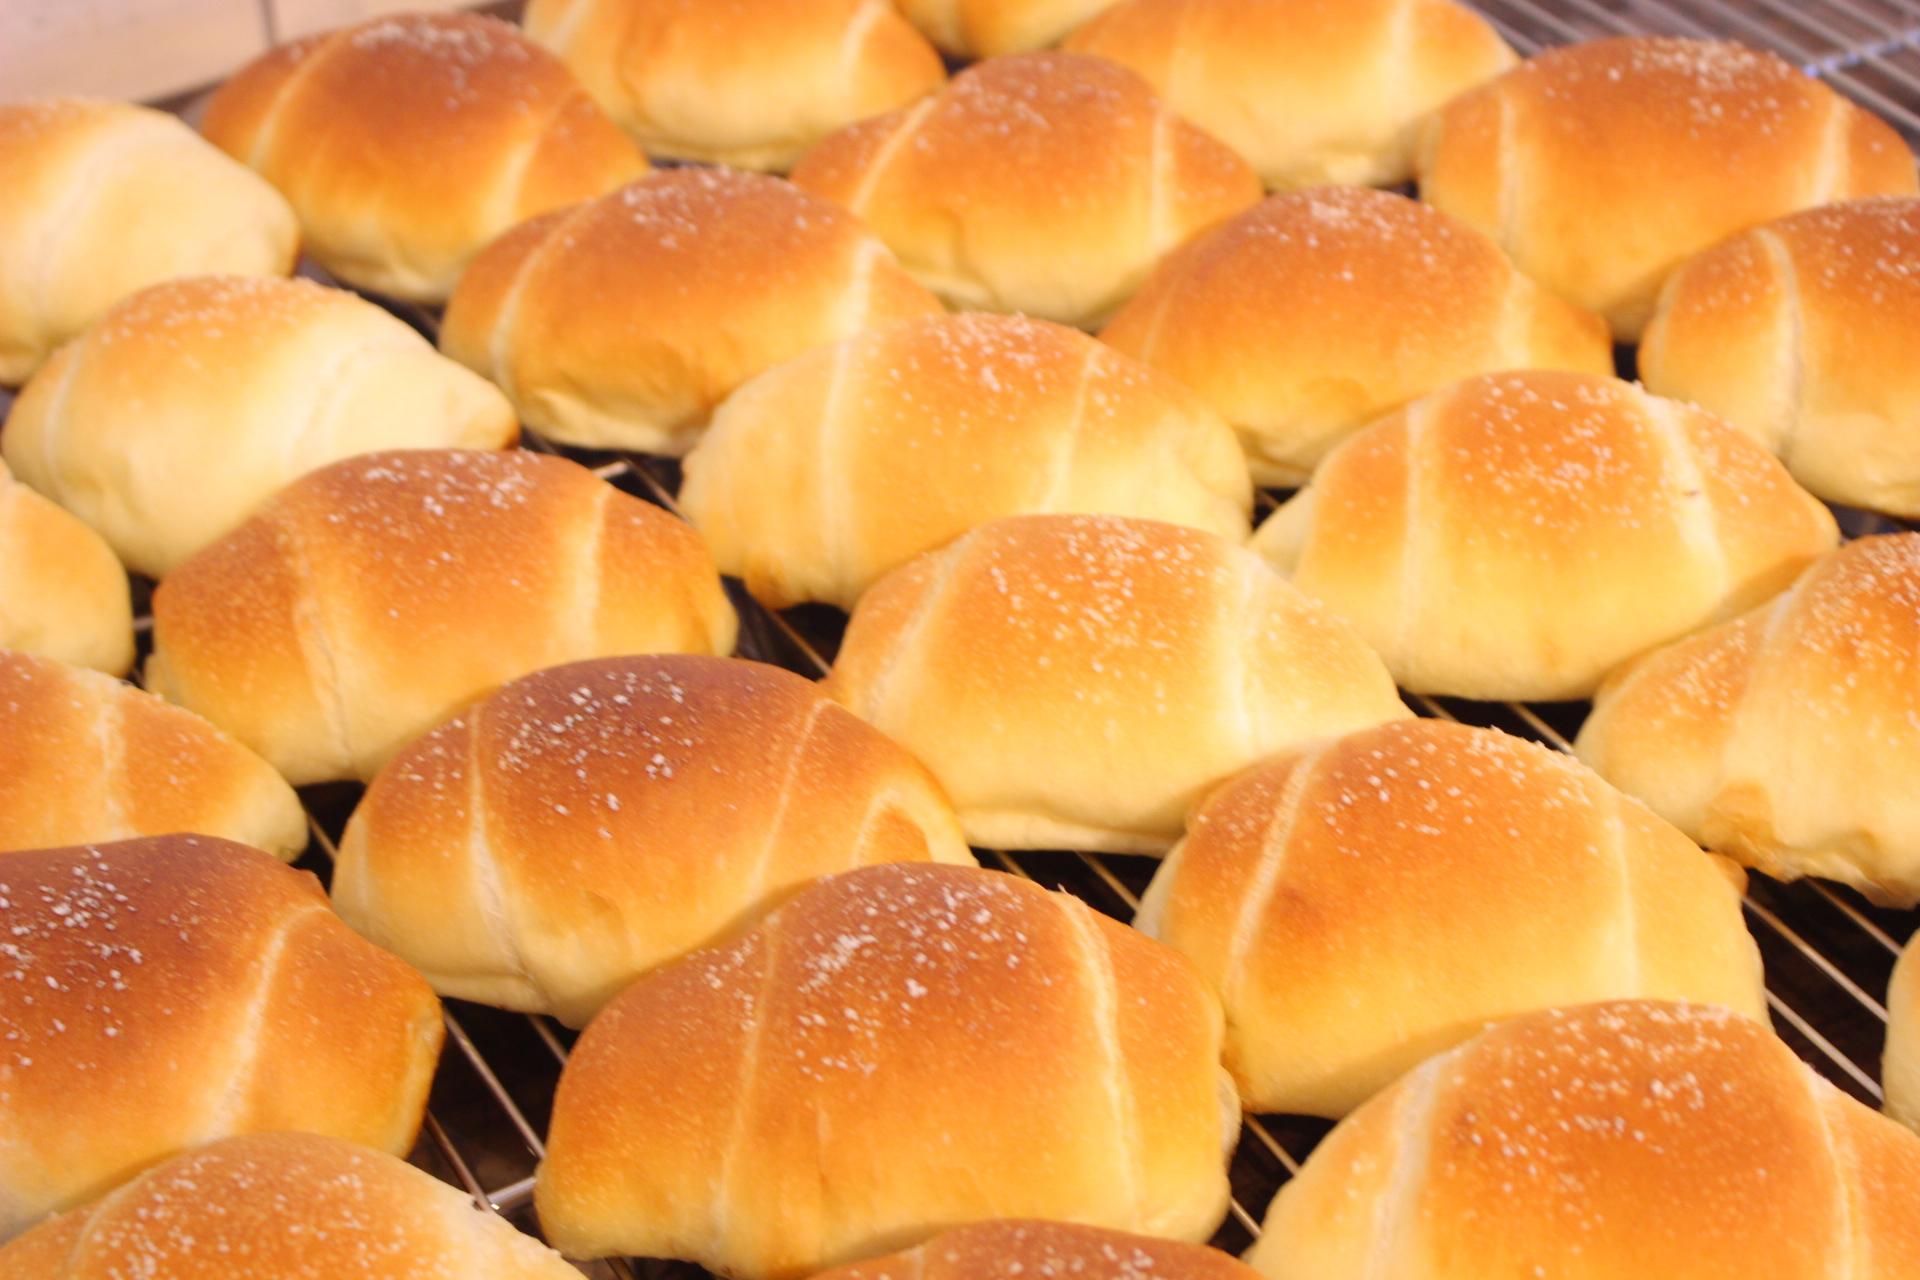 【スキダマリンク】南区@イートインが出来るパン屋